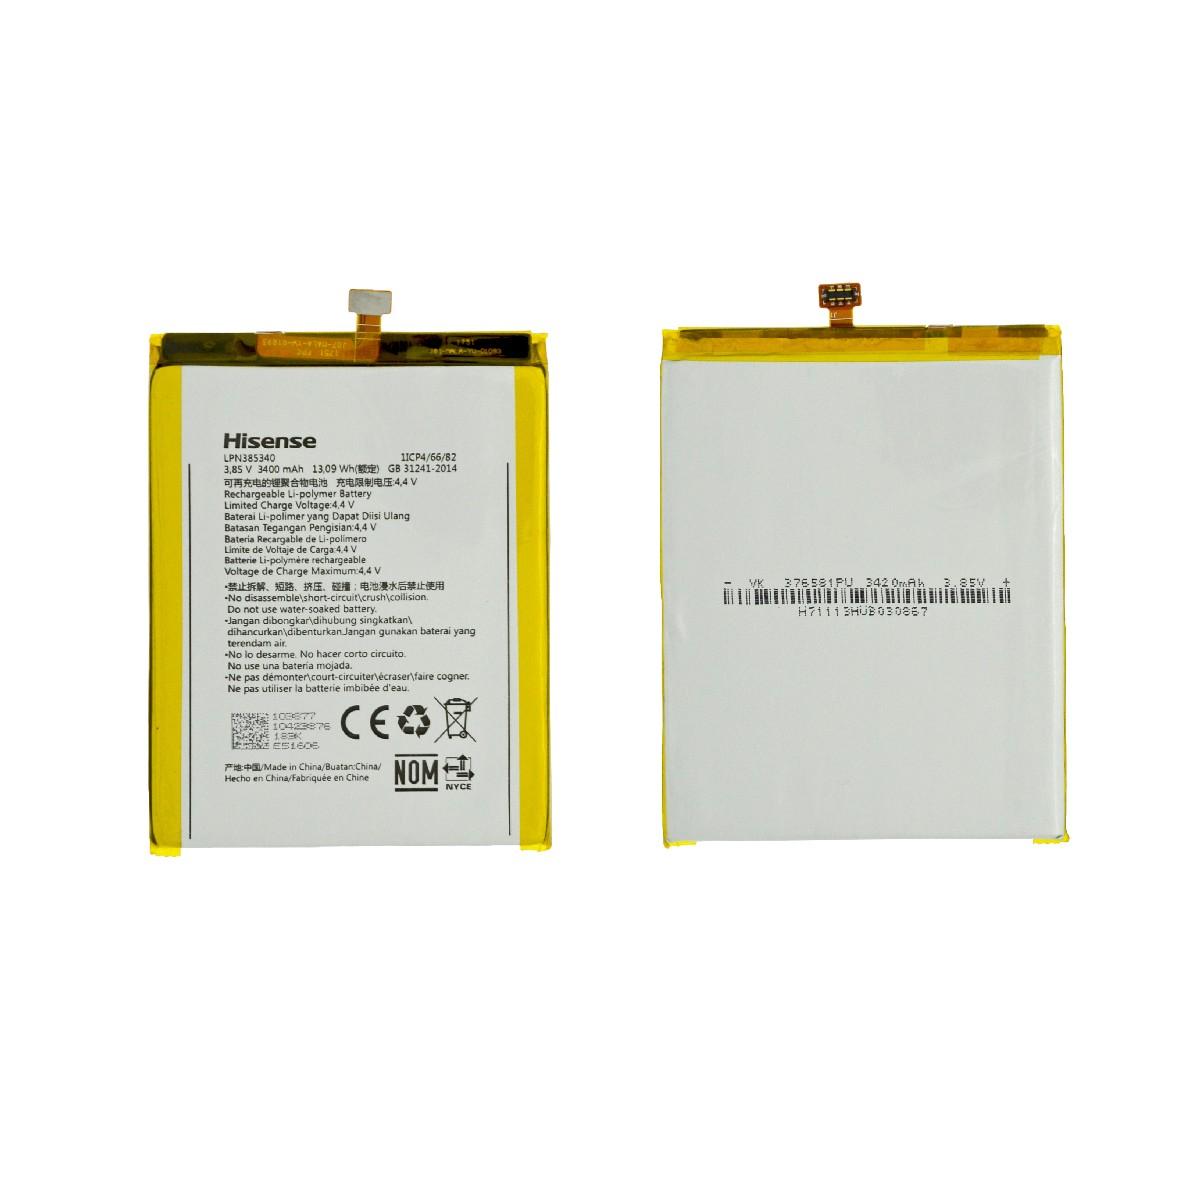 Μπαταρία Hisense LPN385340 για F24 3400mAh 3.85V Original Bulk